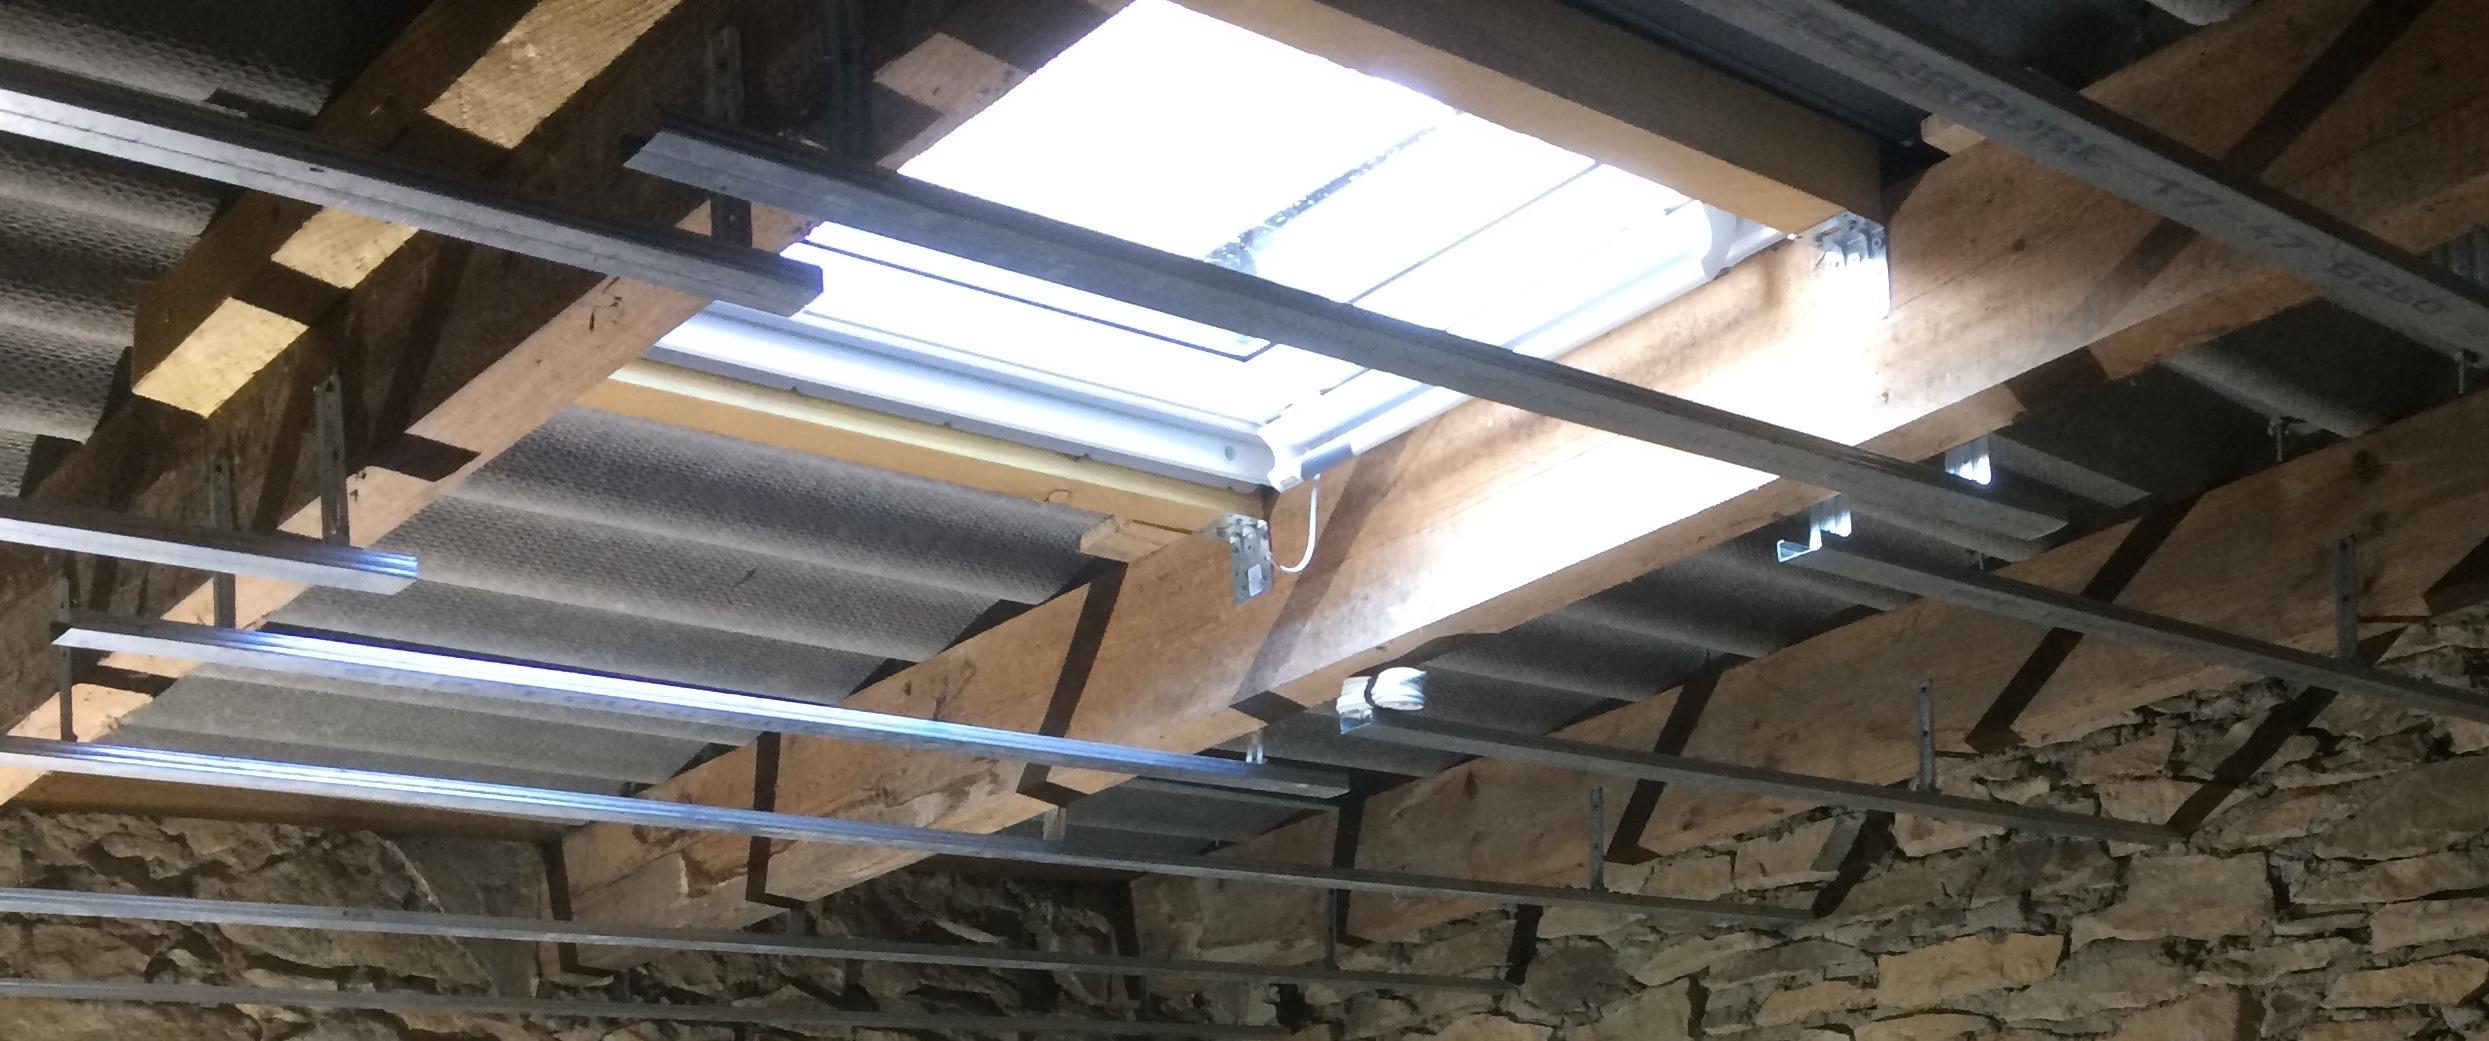 Pose de fenêtre de toit Velux ~~ rénovation Menuiserie Caveirac